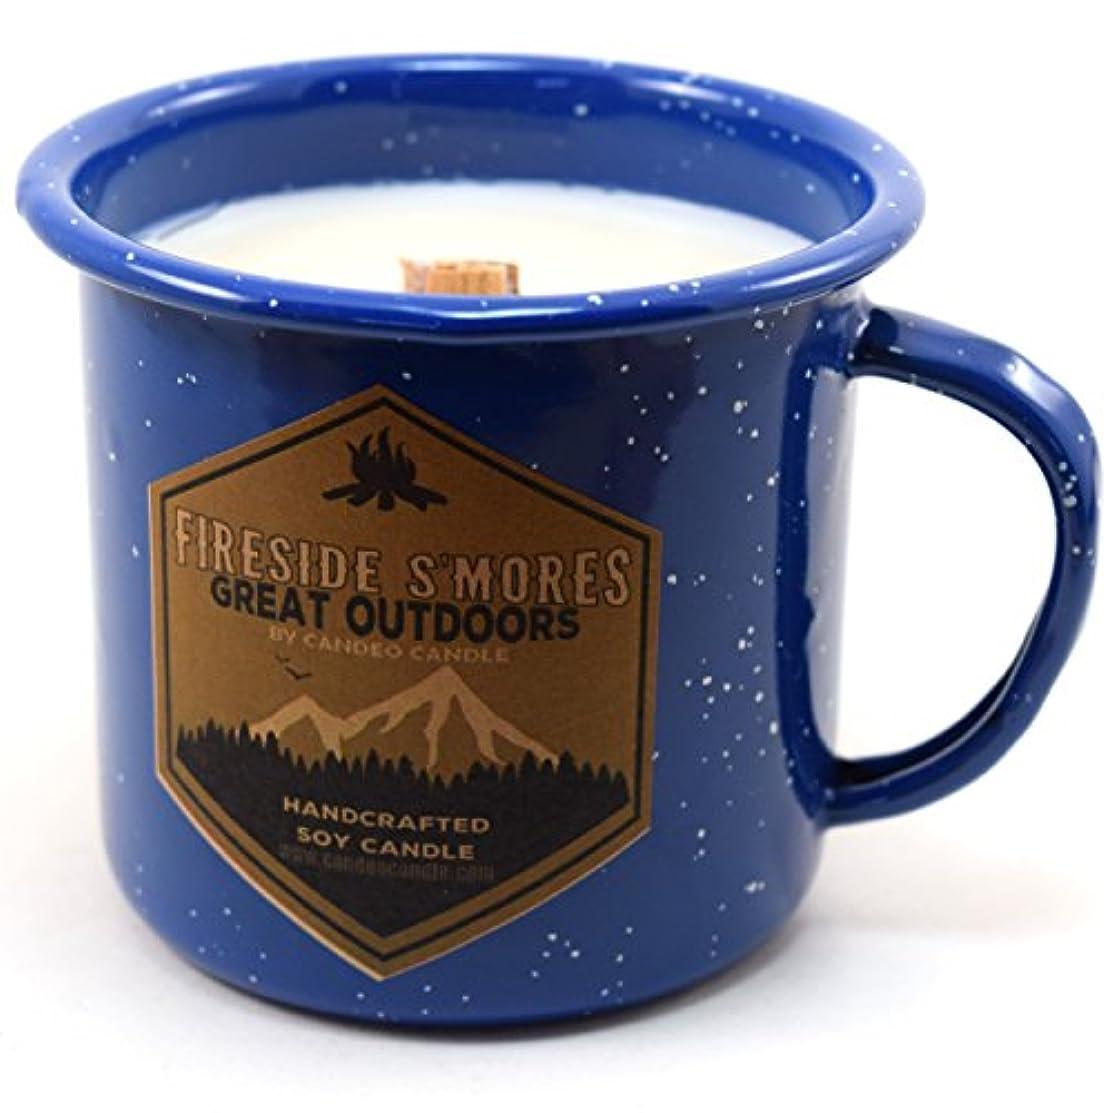 ポルティコオーナー漂流FiresideスモアWood Wick Soy Candle in anエナメルキャンプマグカップ、10オンス